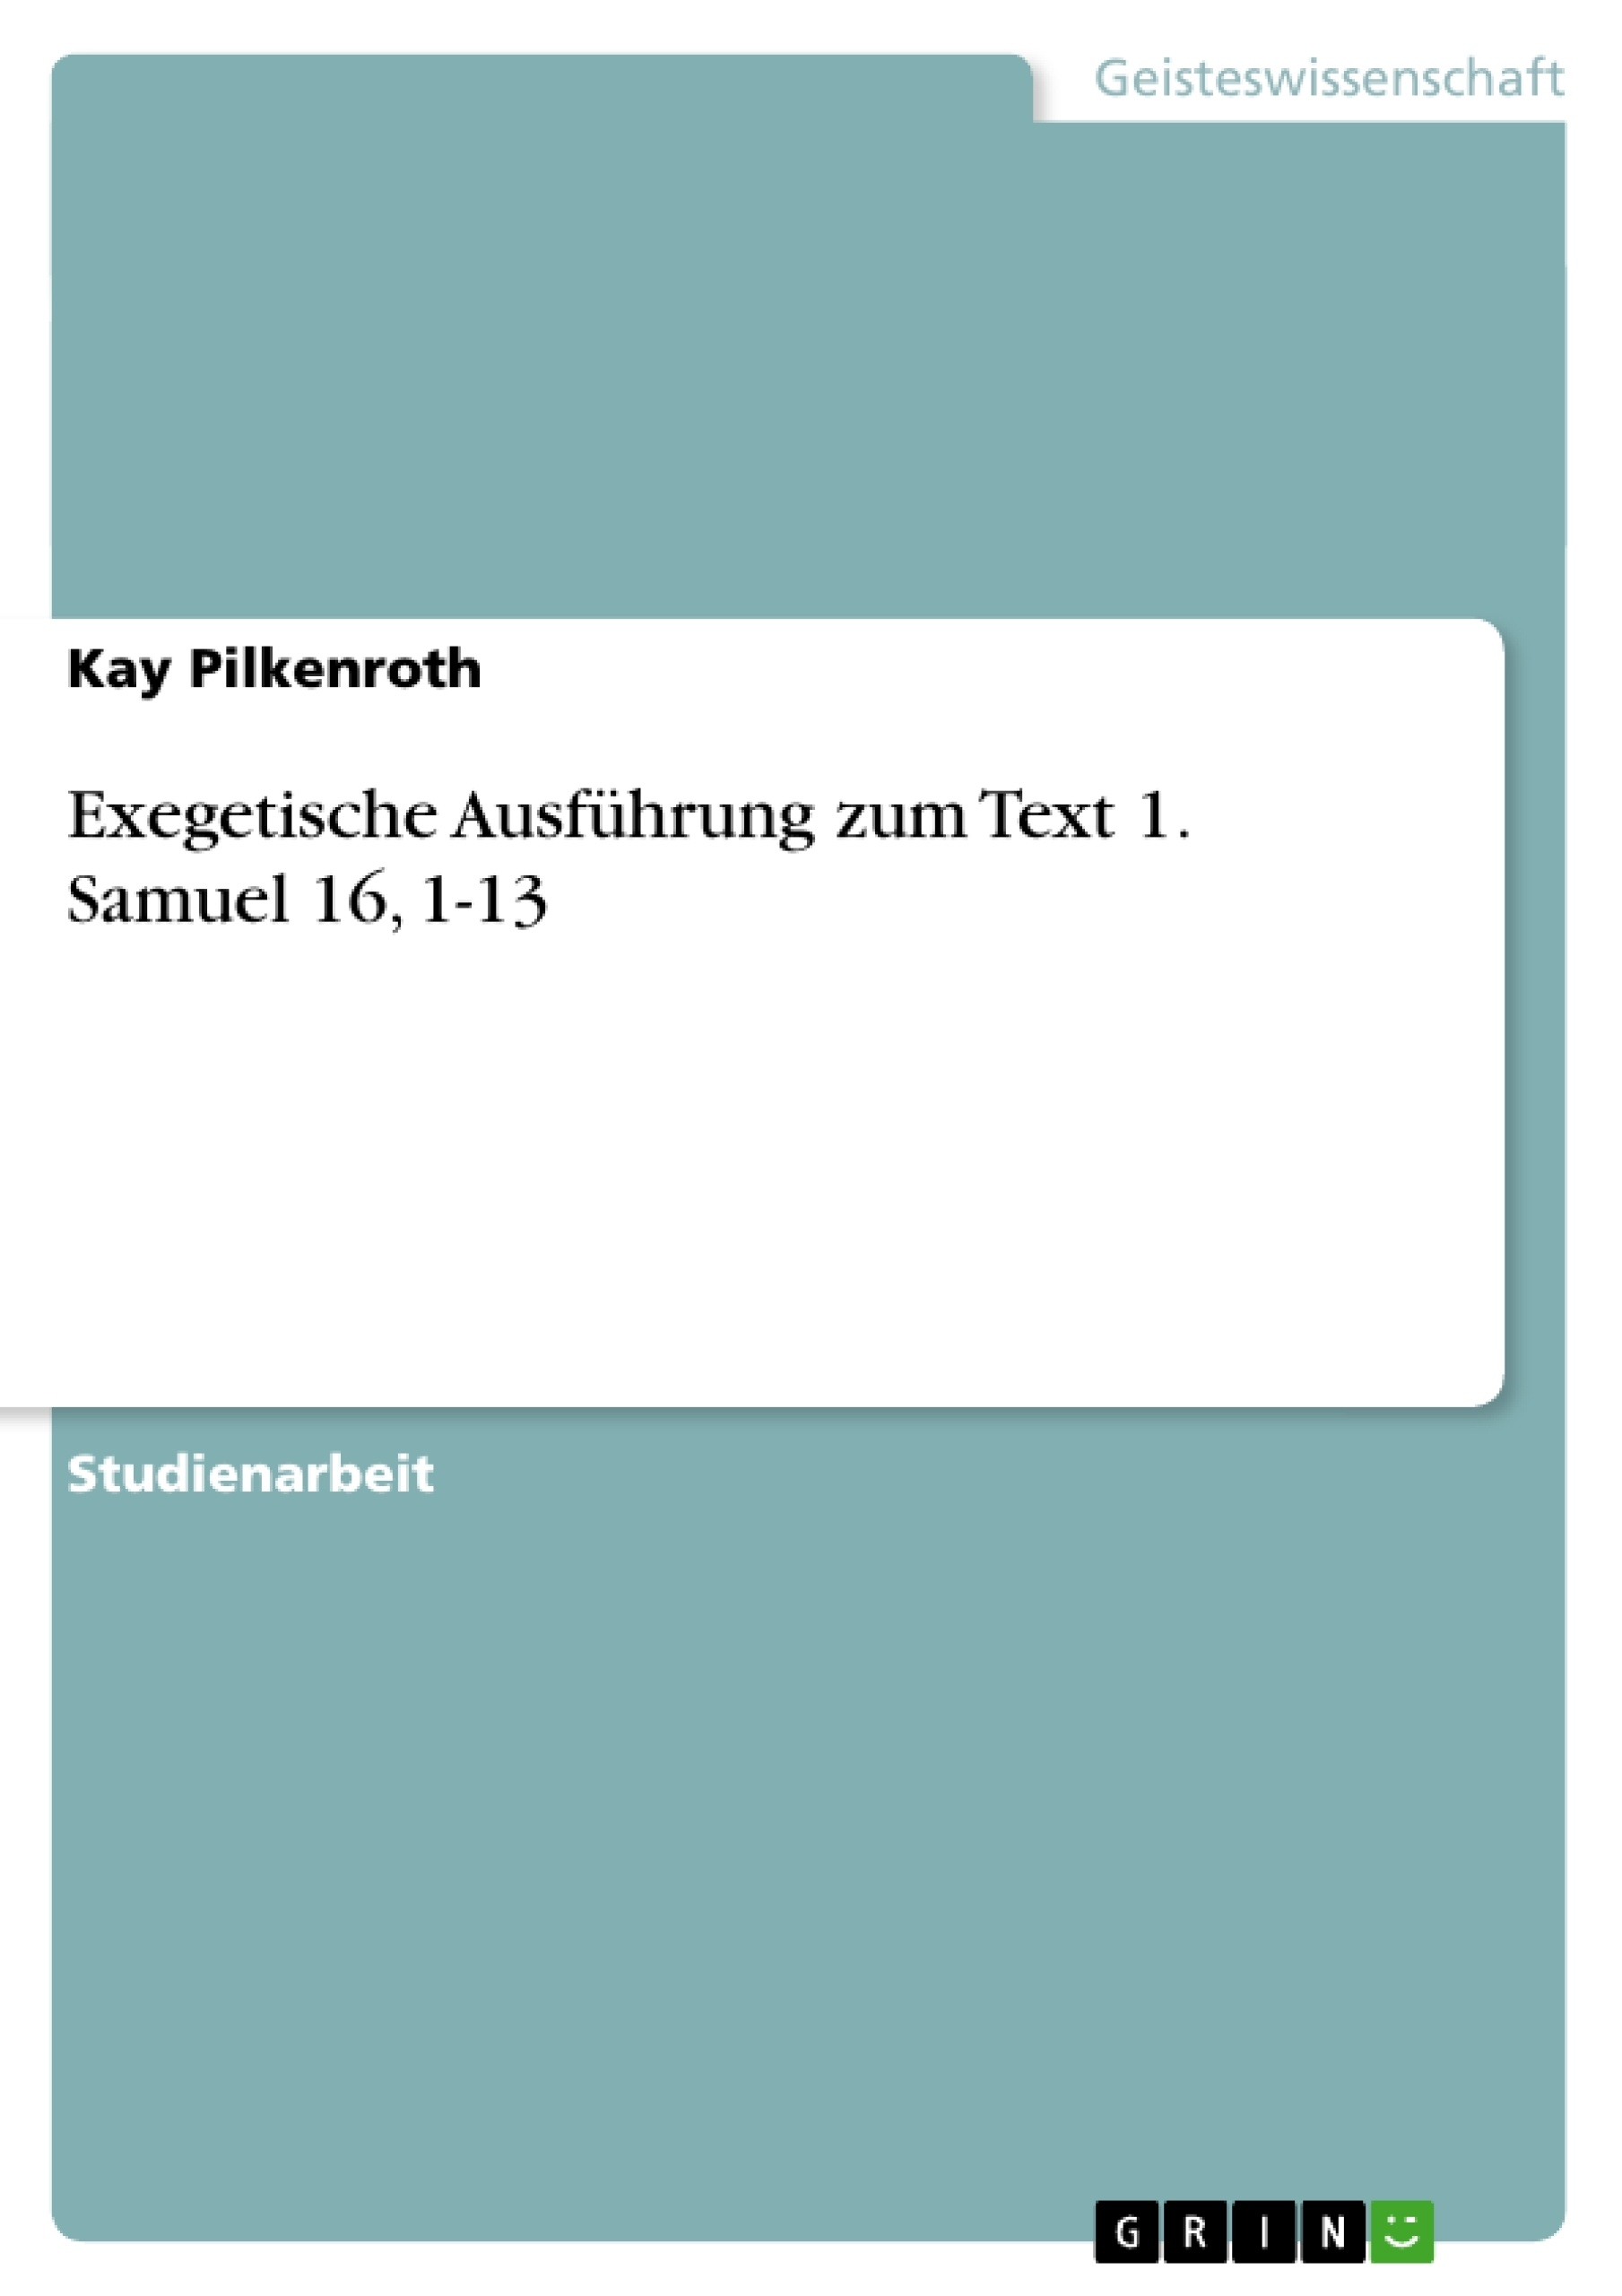 Titel: Exegetische Ausführung zum Text 1. Samuel 16, 1-13